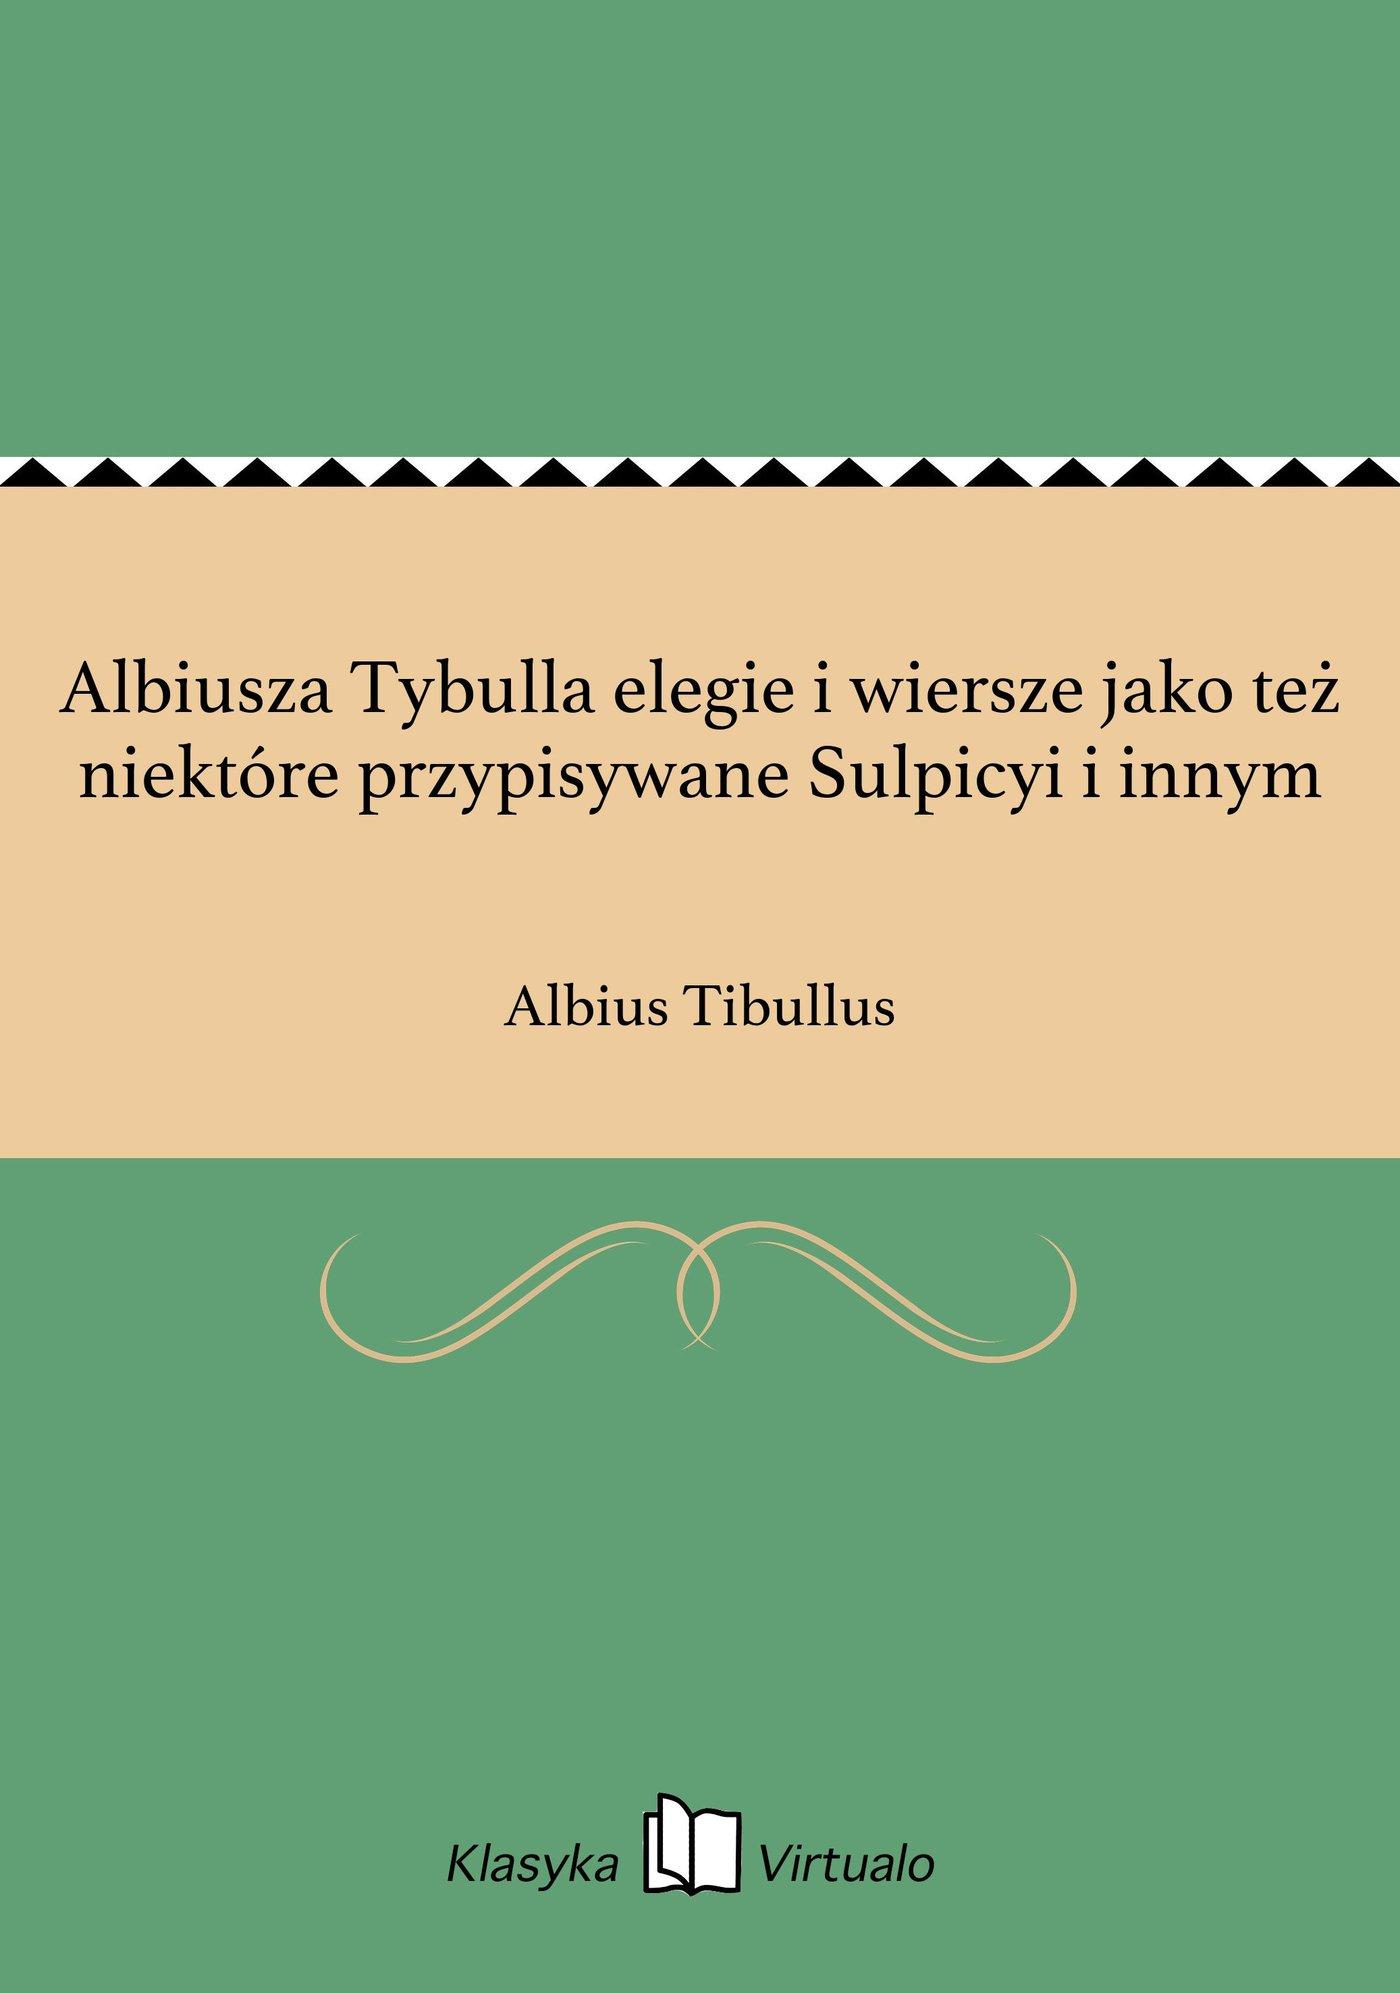 Albiusza Tybulla elegie i wiersze jako też niektóre przypisywane Sulpicyi i innym - Ebook (Książka na Kindle) do pobrania w formacie MOBI